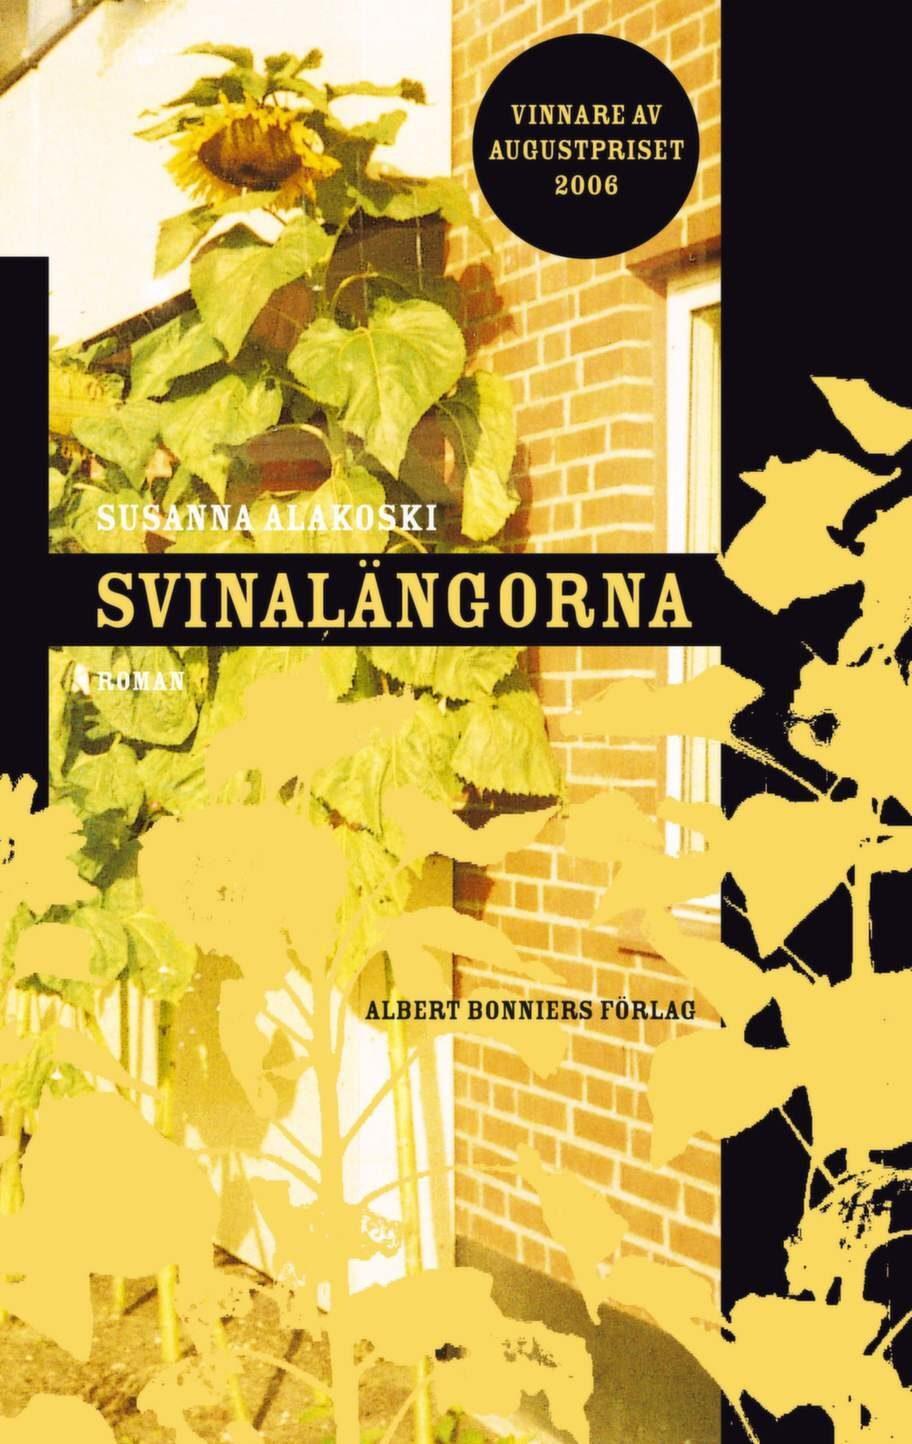 Svinalängorna av Susanna Alakoski, Albert Bonniers FörlagAugustprisvinnande roman om en uppväxt som präglas av föräldrarnas alkoholism i 1970-talets Sverige. En berättelse som blir svår att släppa och som ger perspektiv på många av vardagens små förtretligheter, och som visar att det går att behålla livsgnistan.